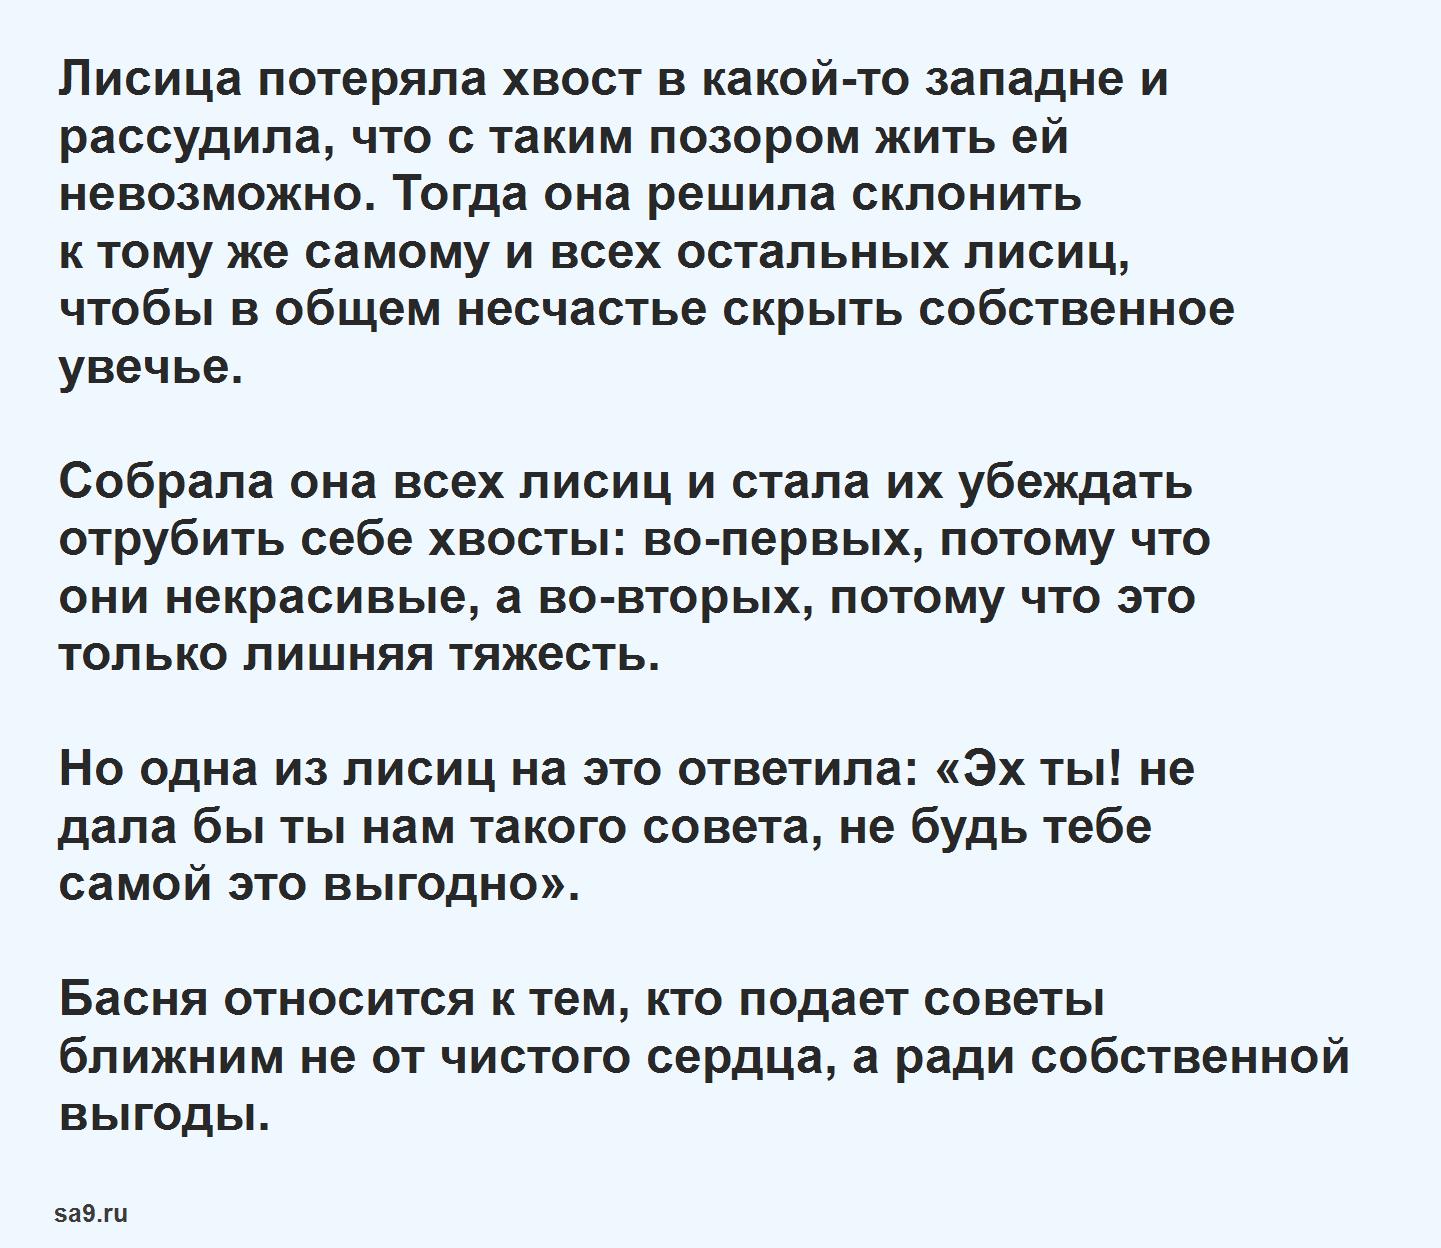 Басня Эзопа 'Бесхвостая лисица', текст басни читать полностью